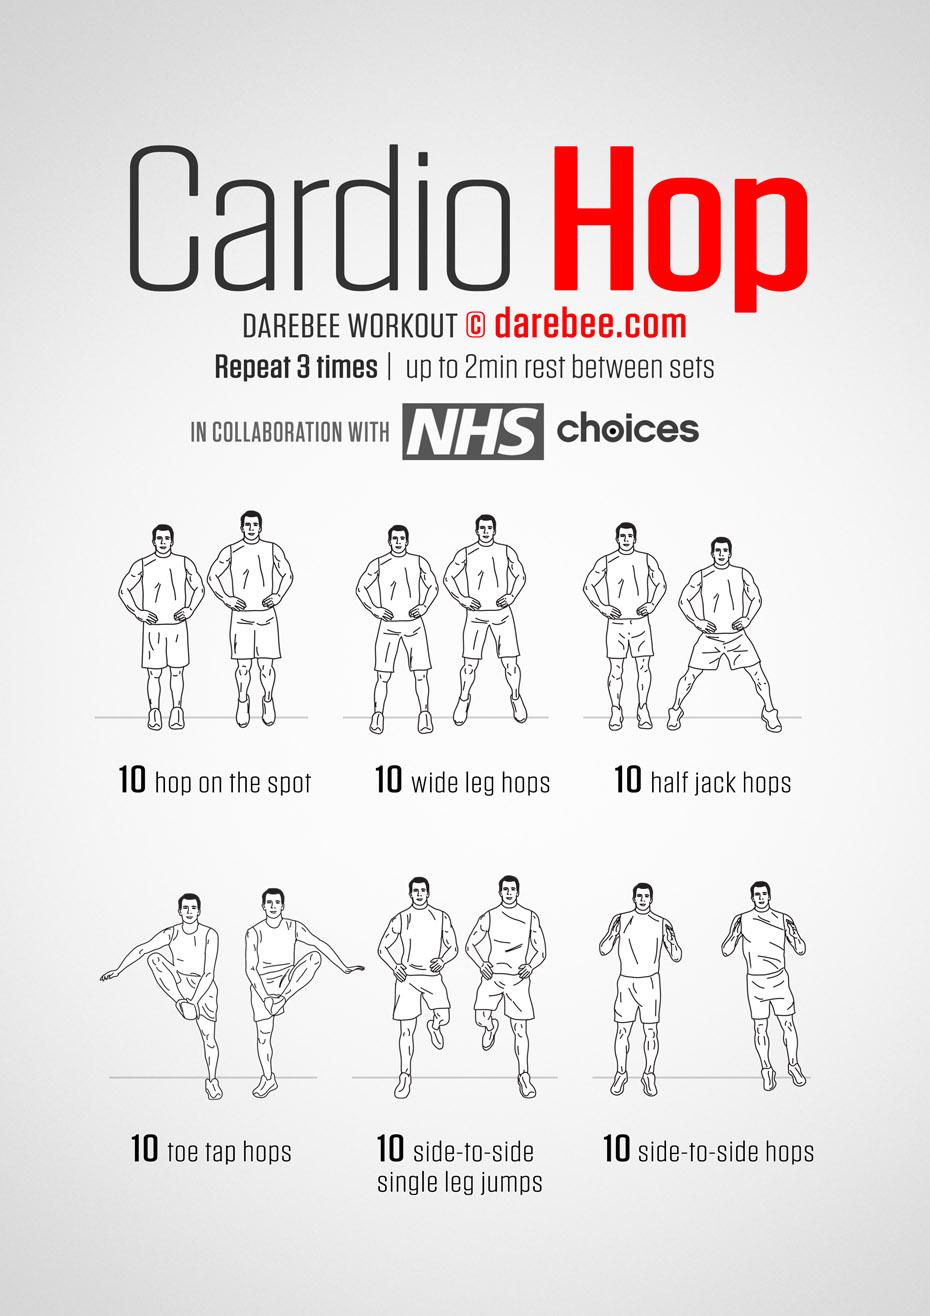 Cardio Hop Workout